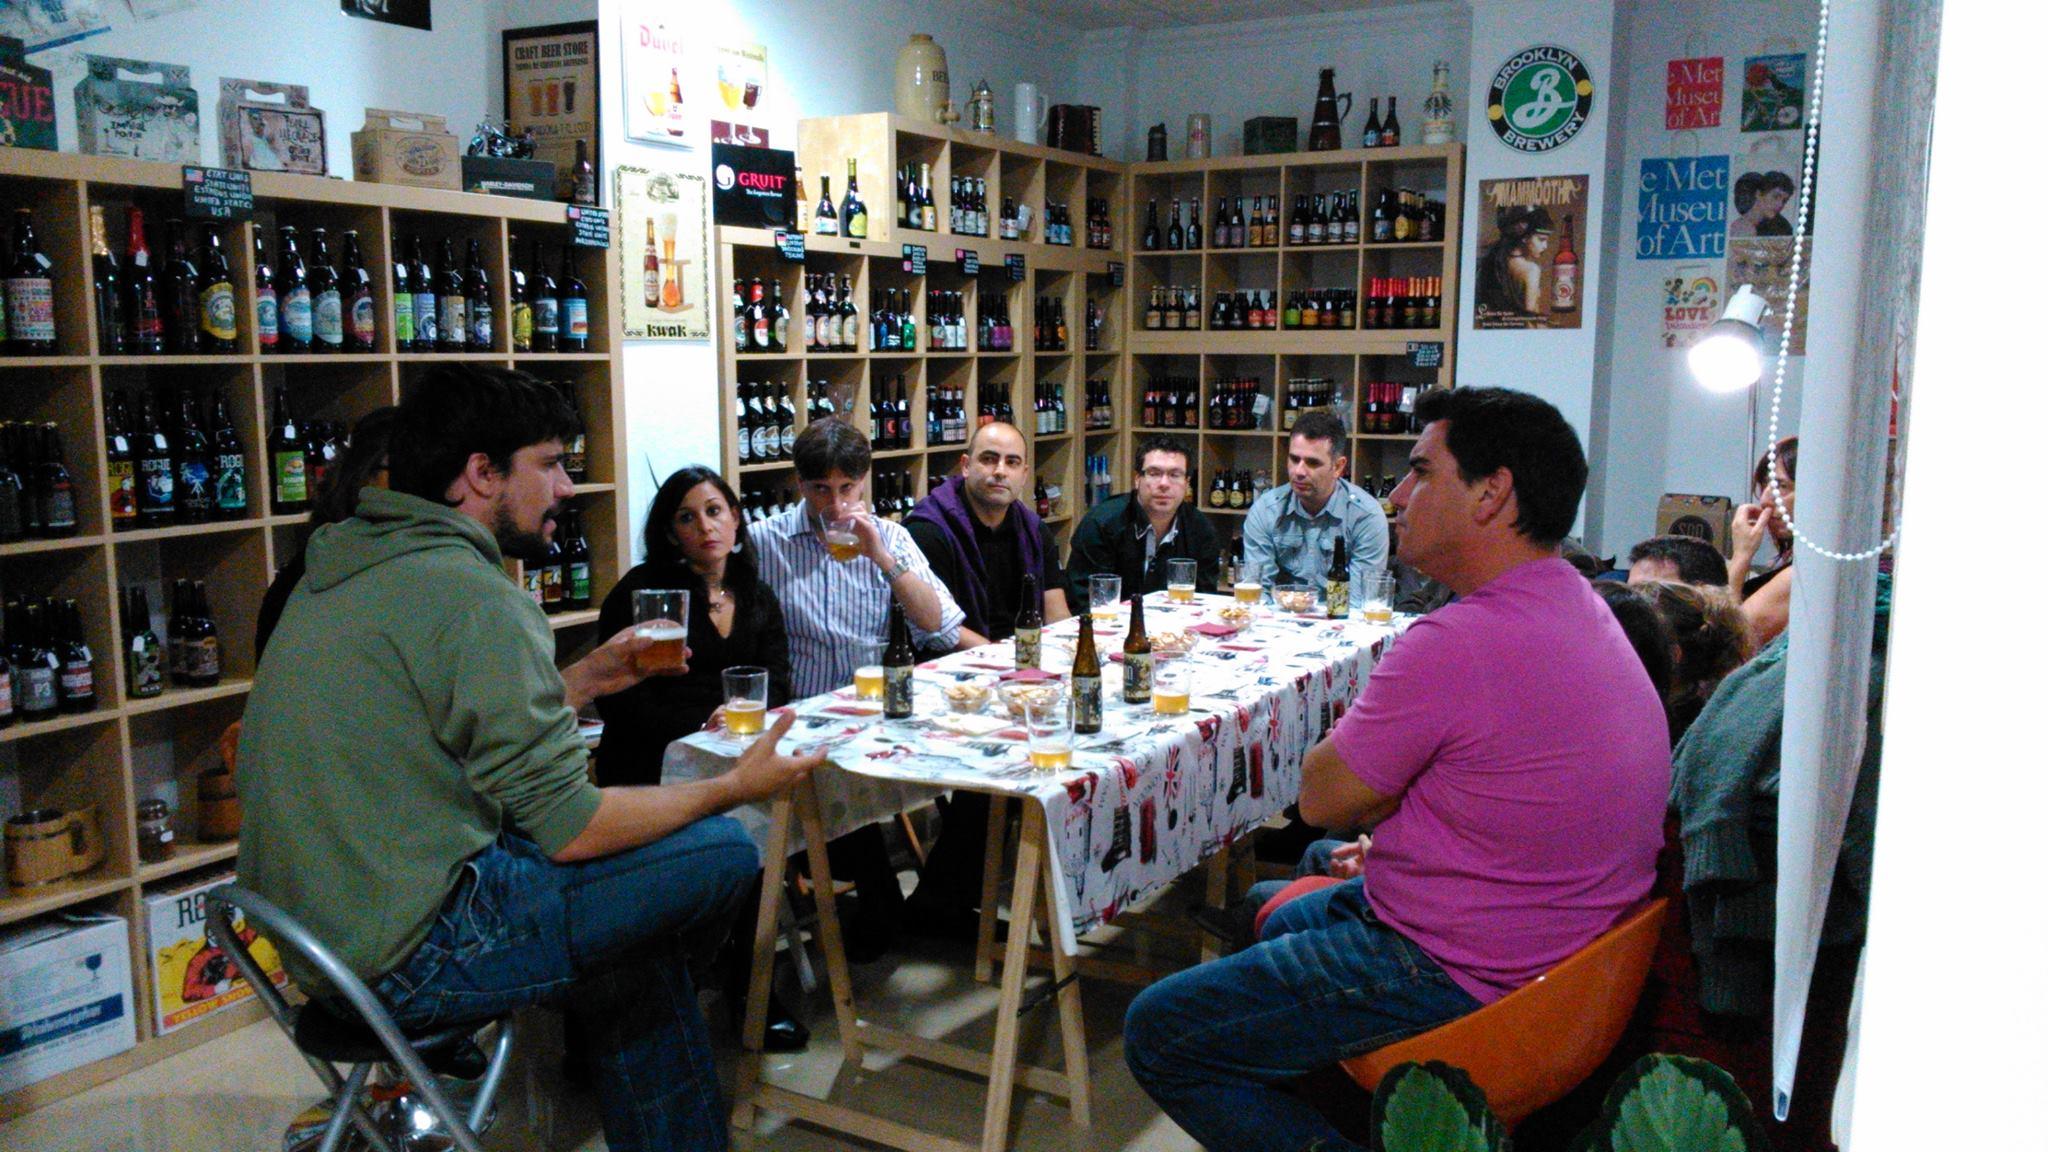 Catando cervezas SON con Paco Lucena en el año 2013 en la tienda de la calle Los Huertos de Nerja